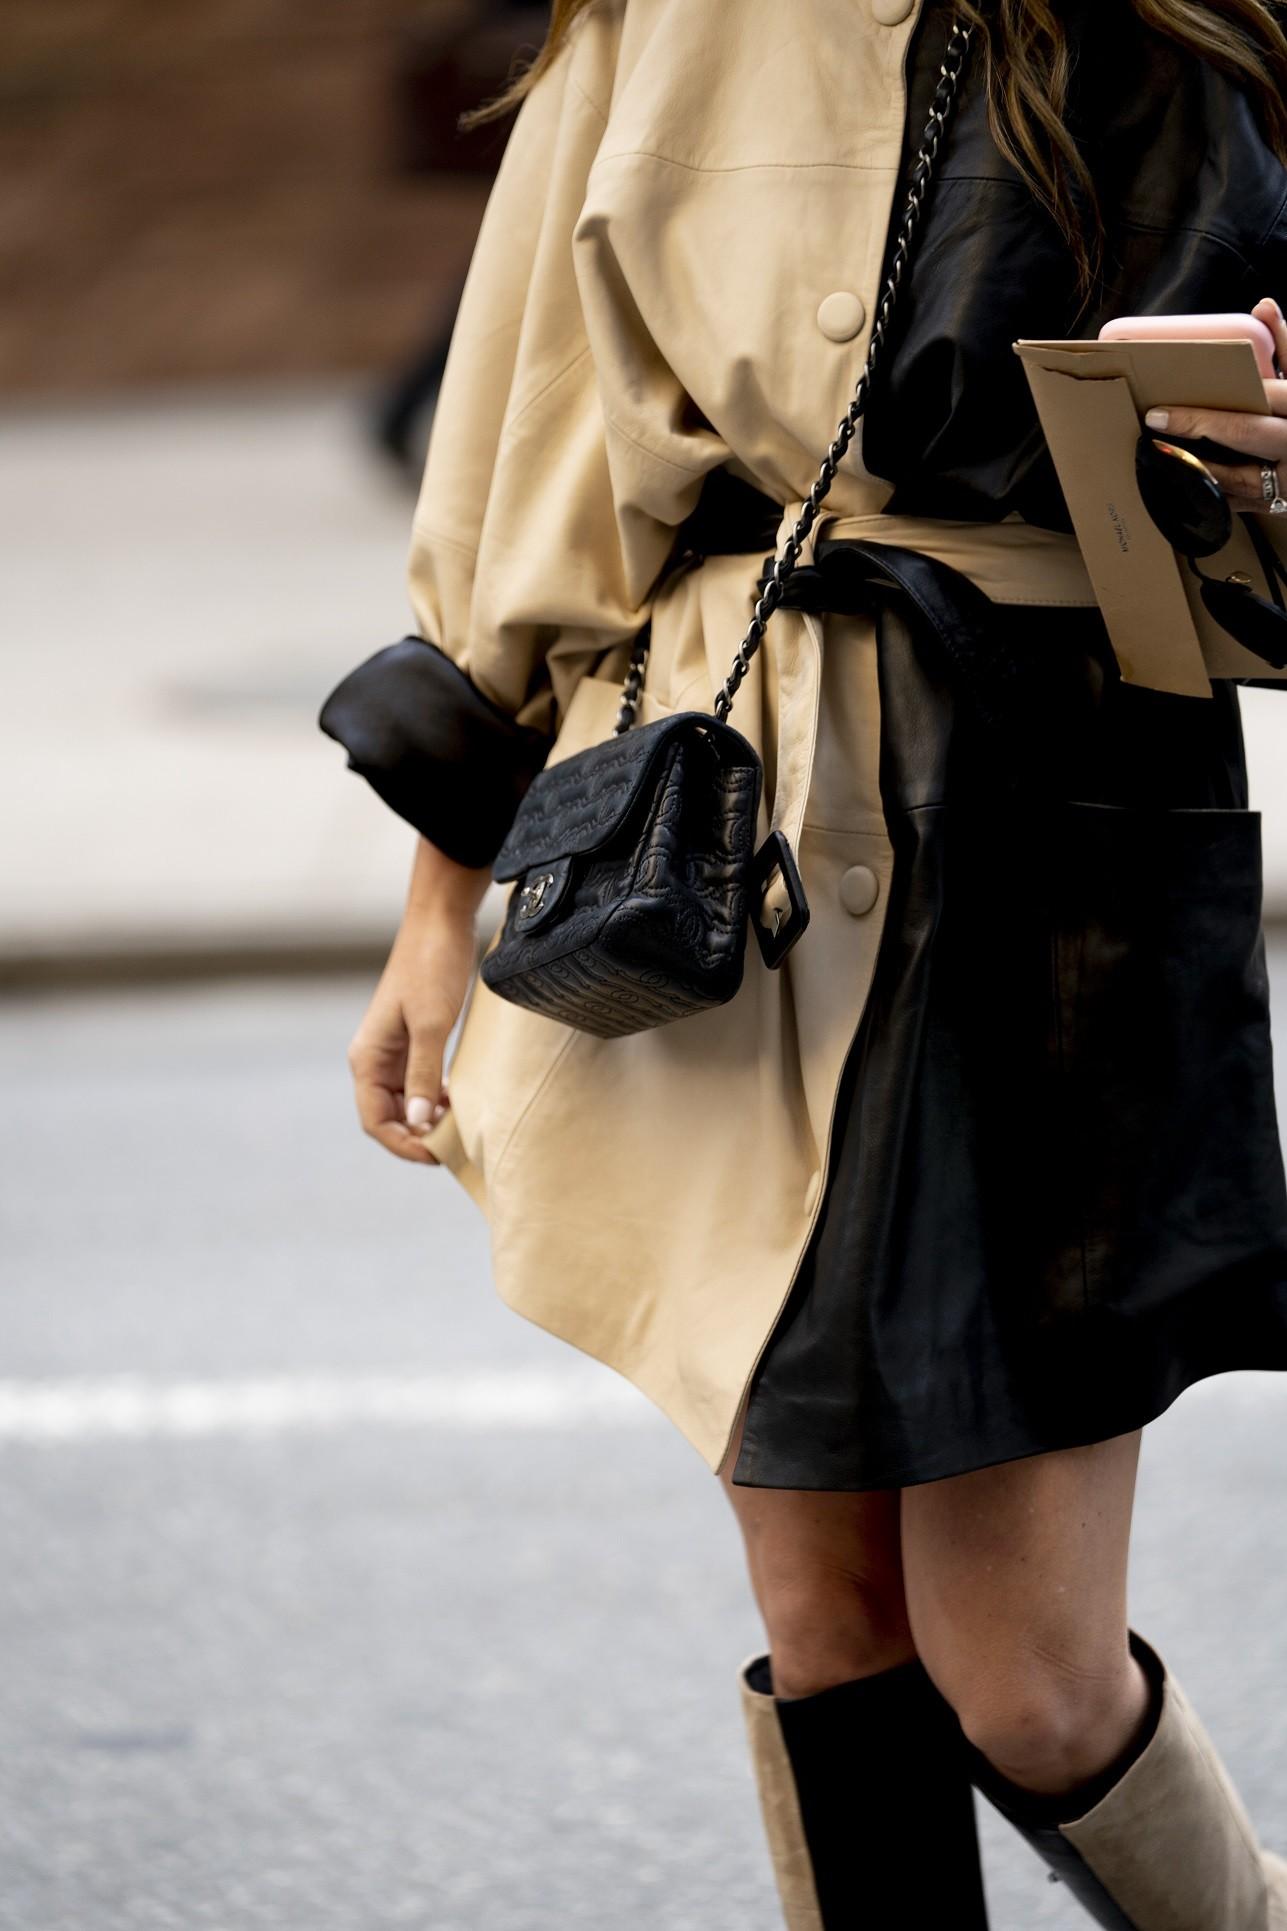 Μαθήματα Μόδας: 10 street trends για να απογειώσεις το καθημερινό σου styling